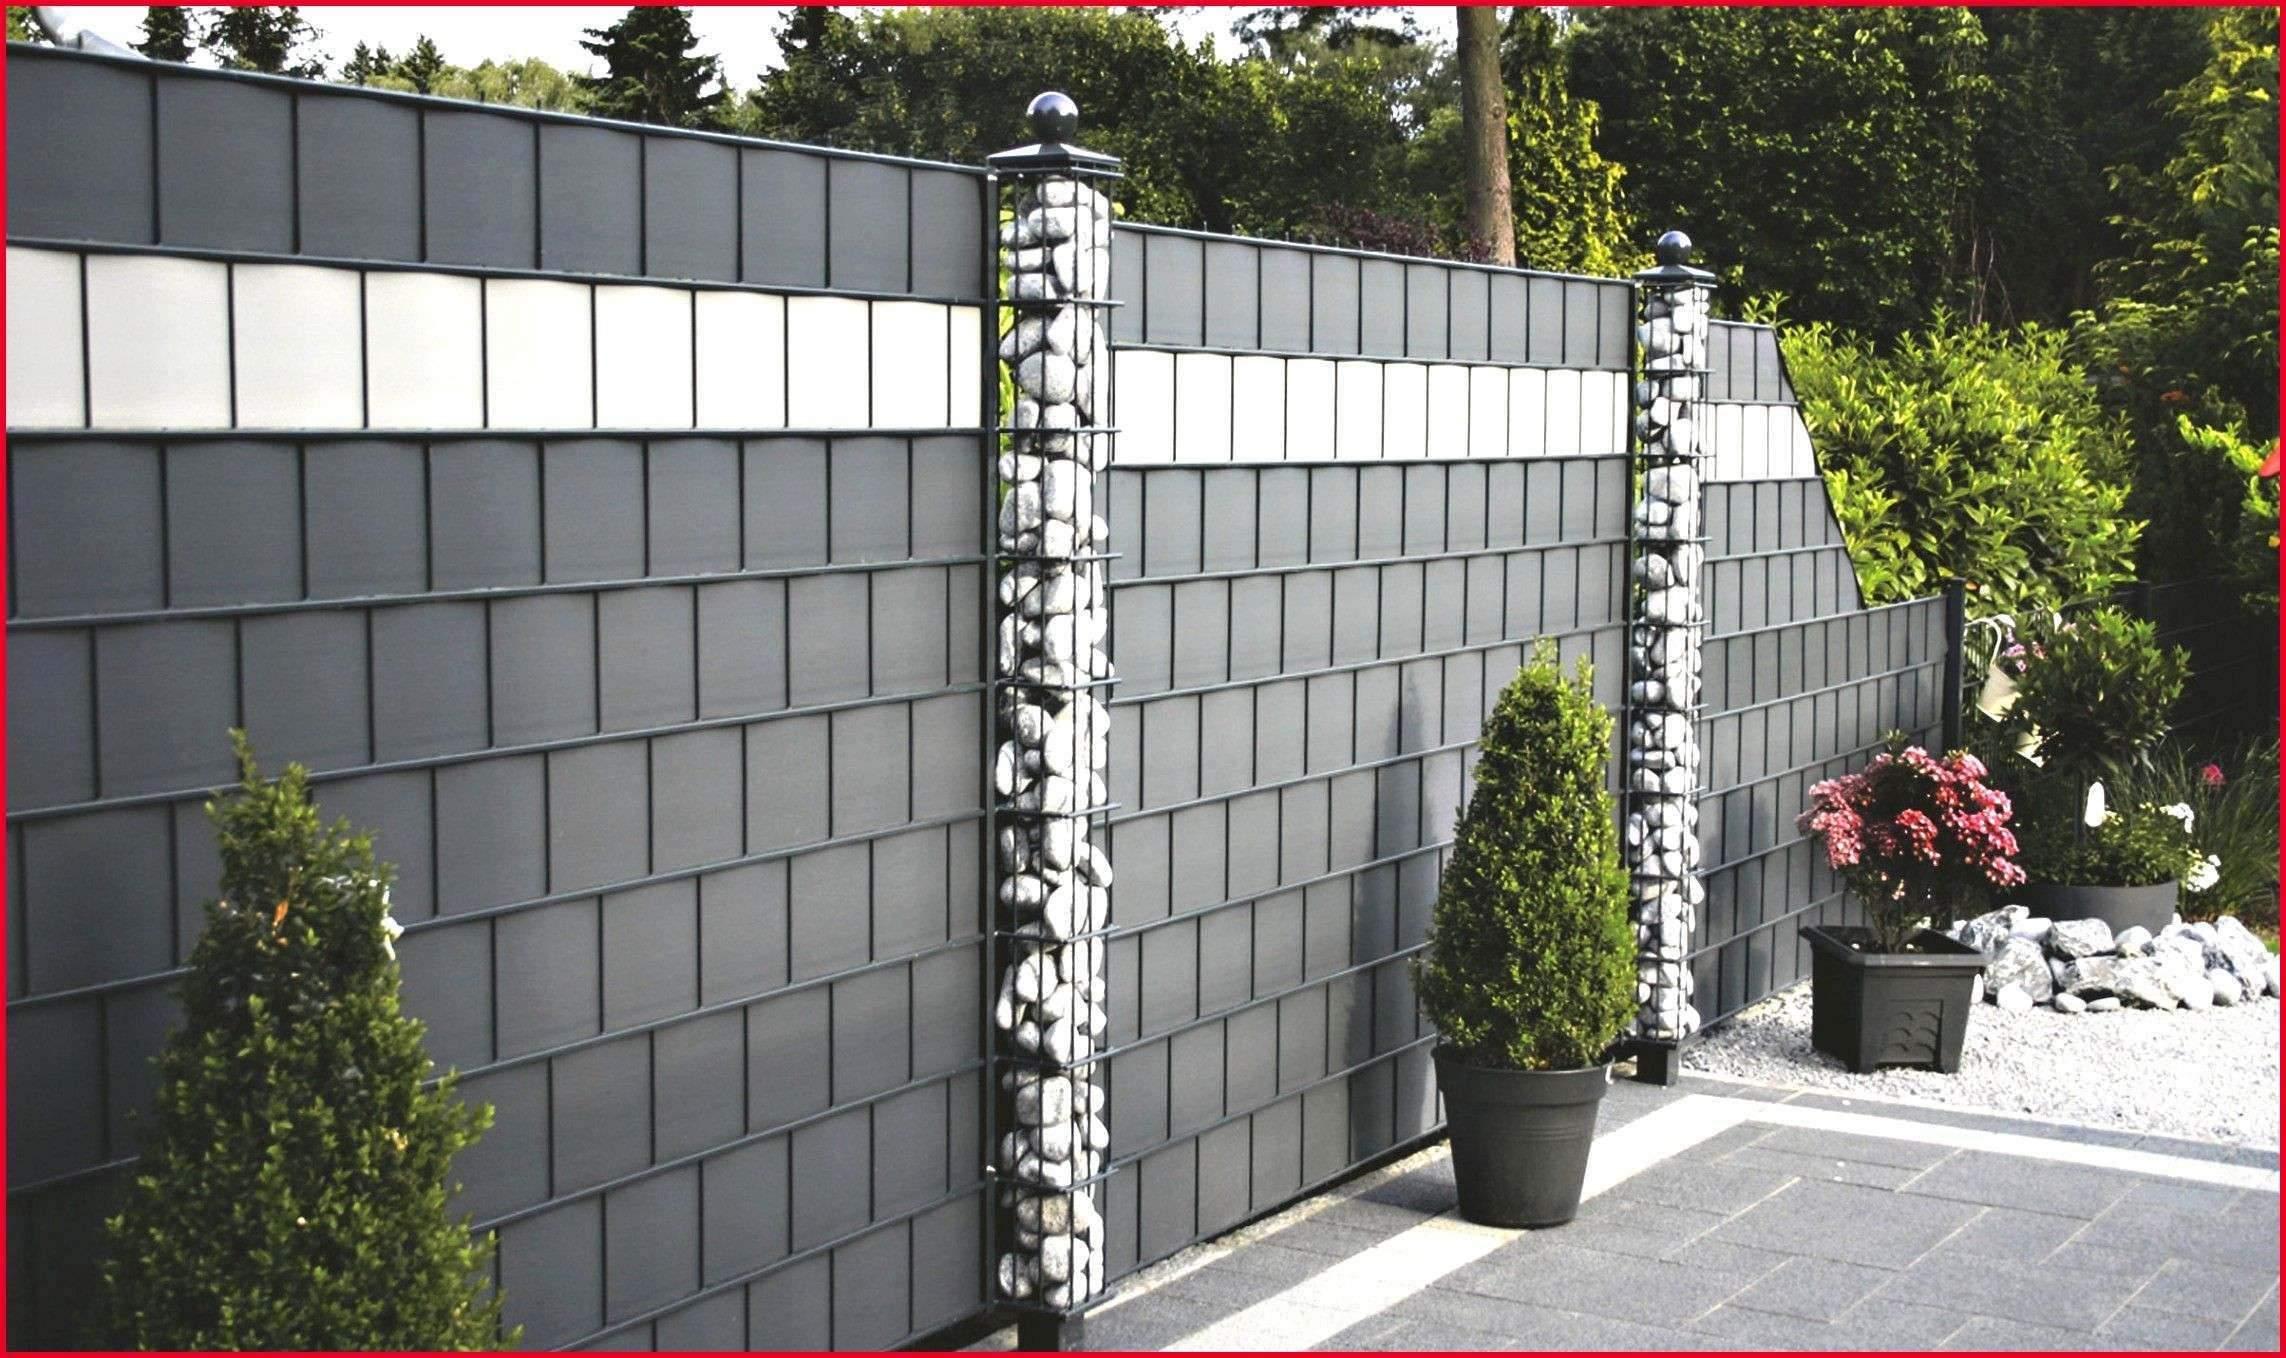 Zaun Garten Inspirierend Sichtschutz Stein Beste Zaun Mit Steinen Garten Ideas Zaun